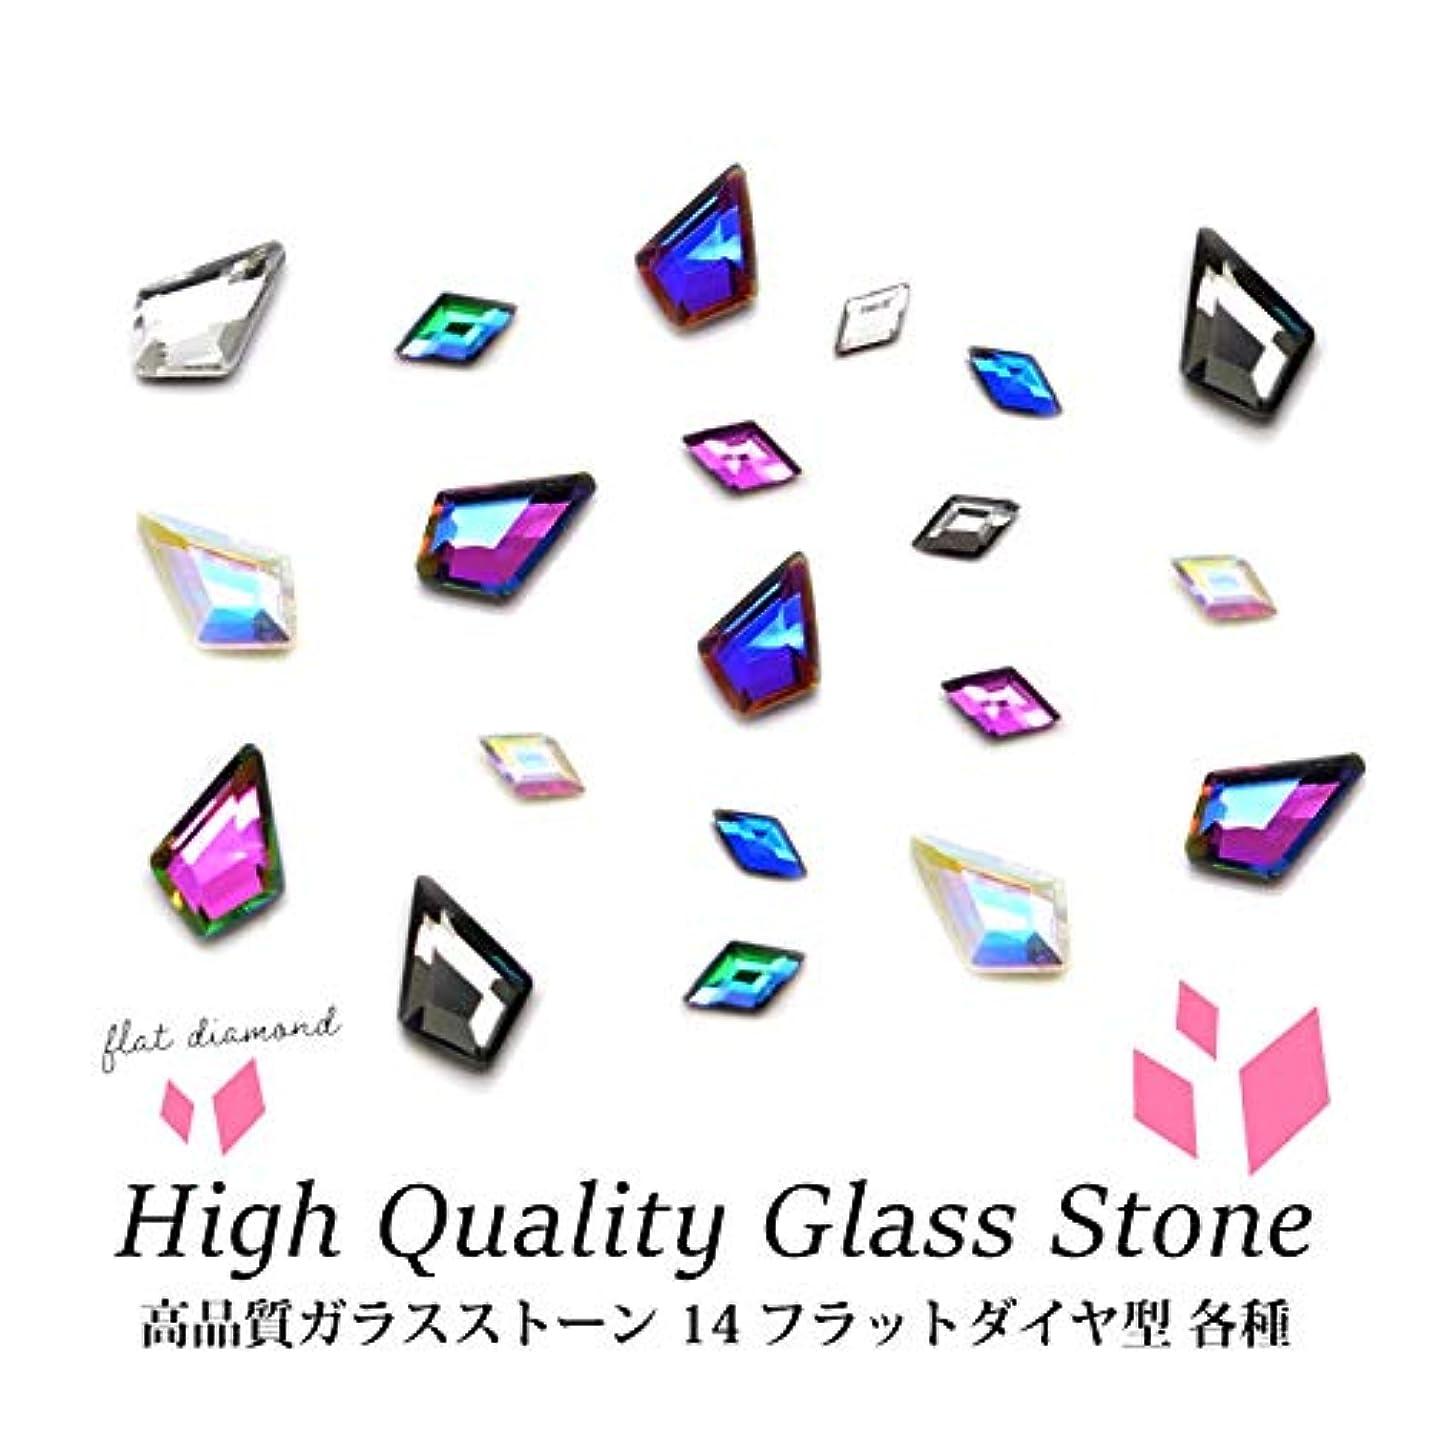 高品質ガラスストーン 14 フラットダイヤ型 各種 10個入り (2.クリスタルAB)